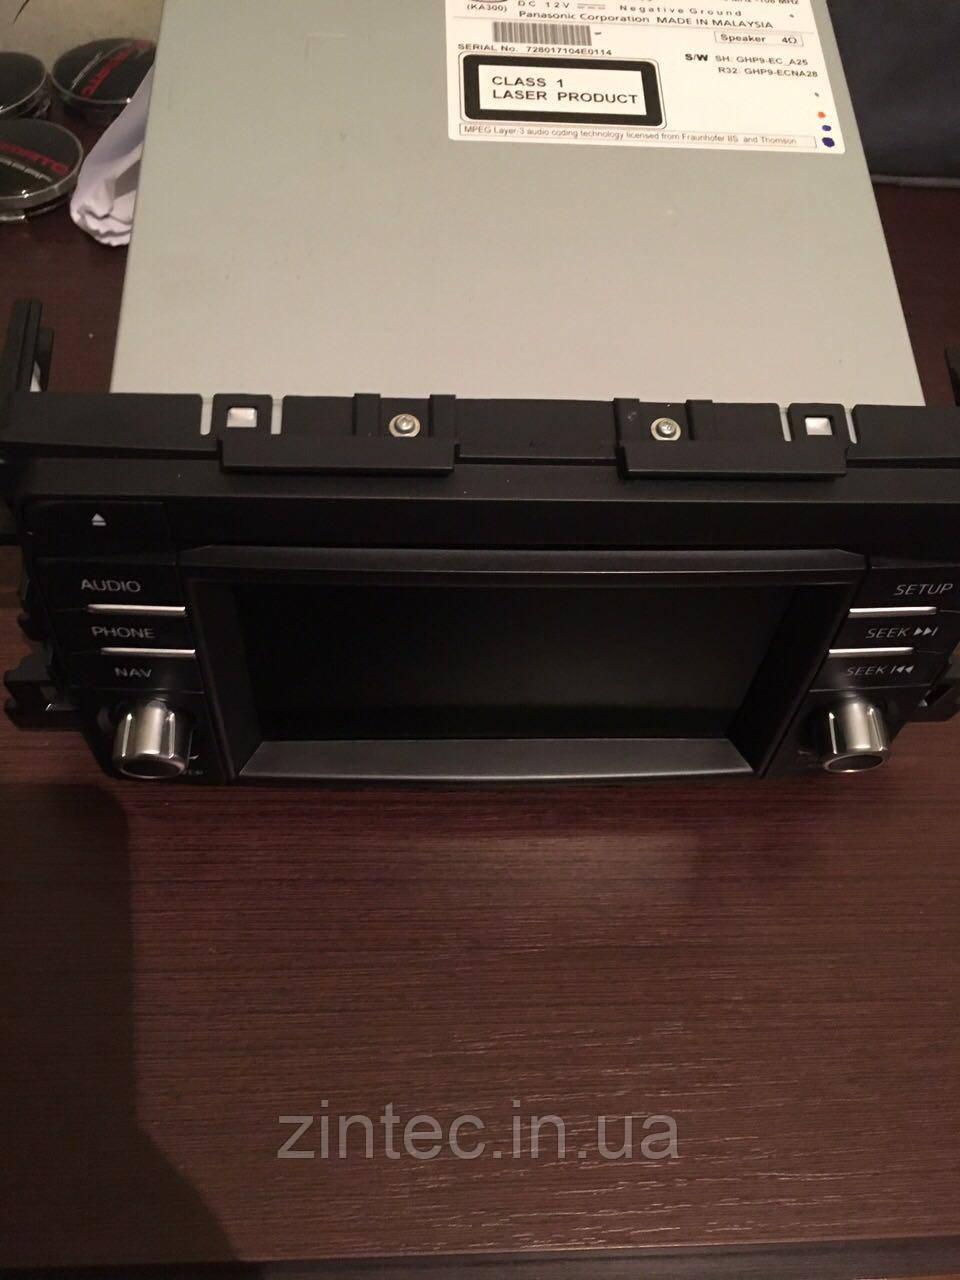 Авто-магнитолла на MAZDA 6, MAZDA CX-5 2013-15год.тел 0995454777